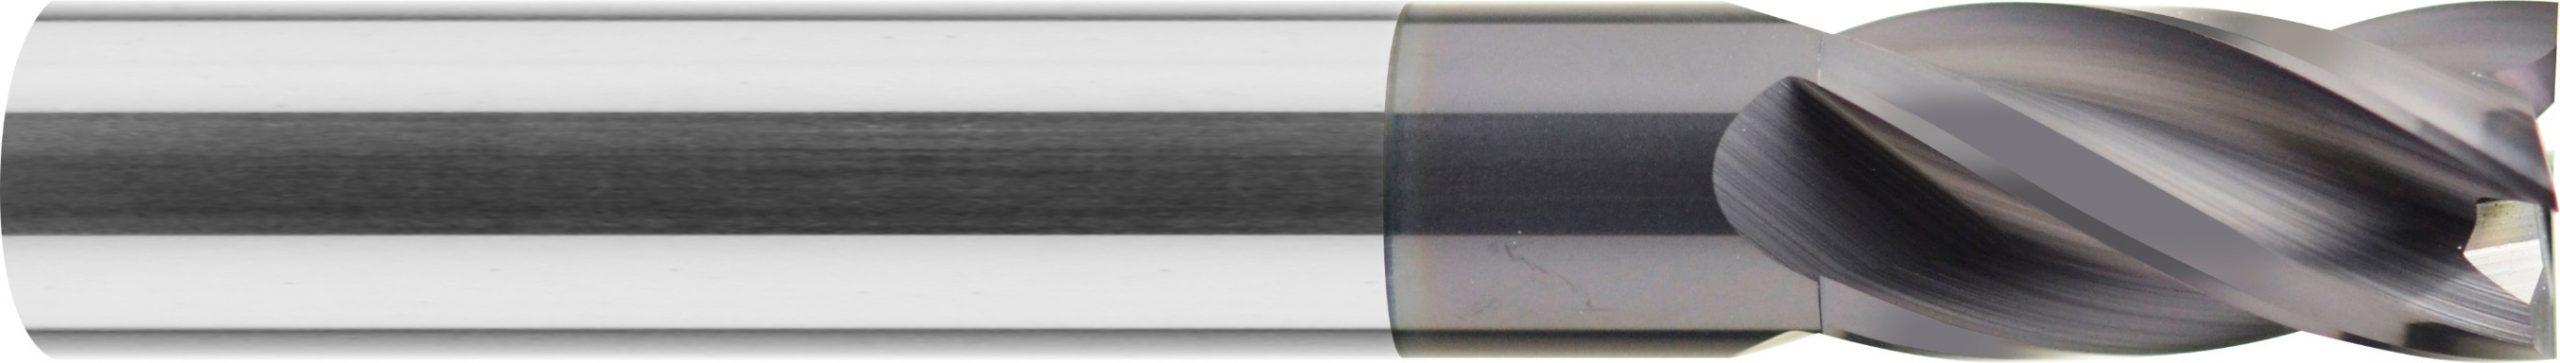 Frez, krótki, Z-4, HA, 44 HRC, ALUMINIUM, INOX, VHM bez pokrycia (520)